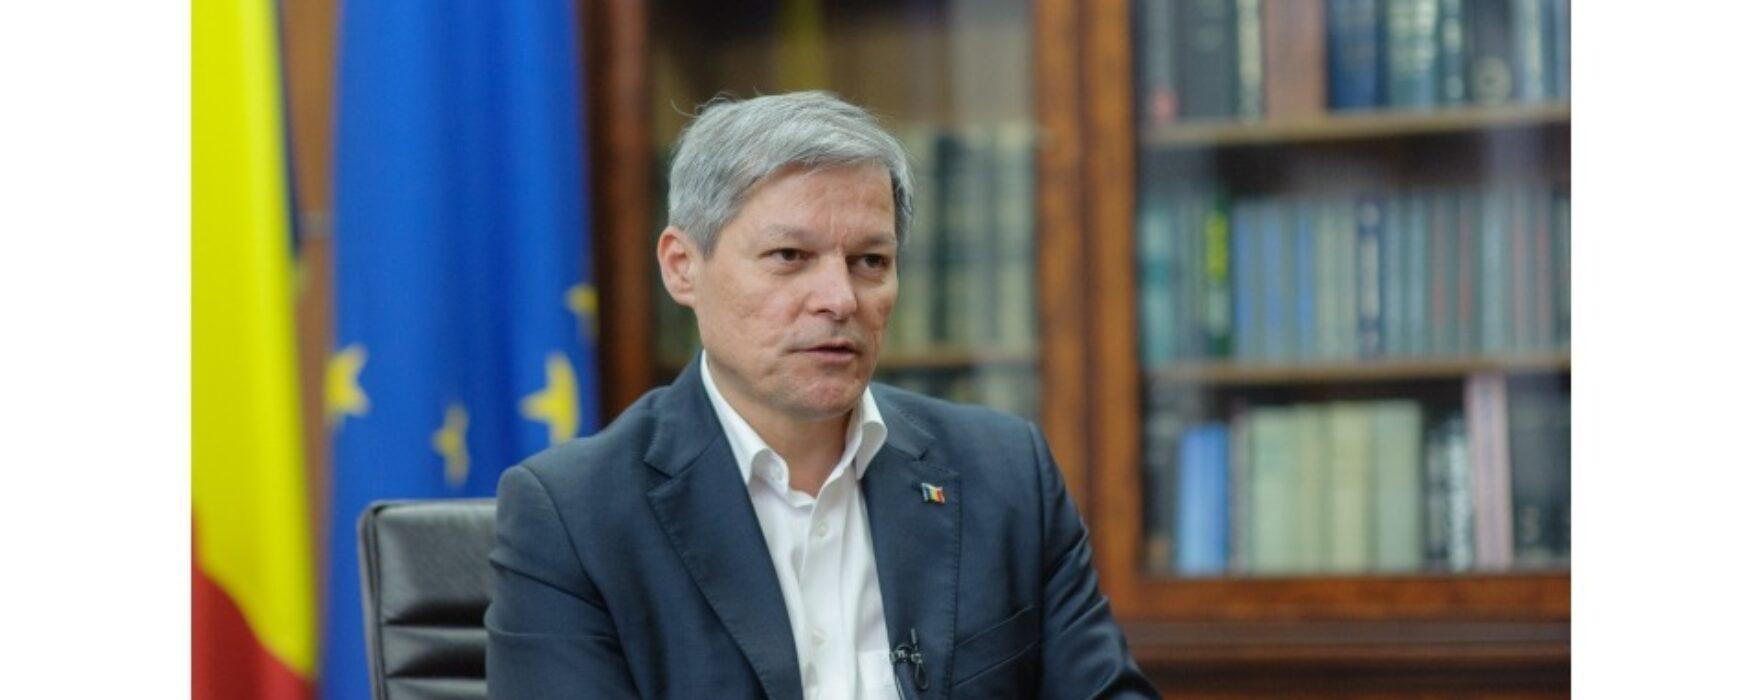 Dâmboviţa: Fostul premier Dacian Cioloş implicat într-un accident uşor, la Ulmi